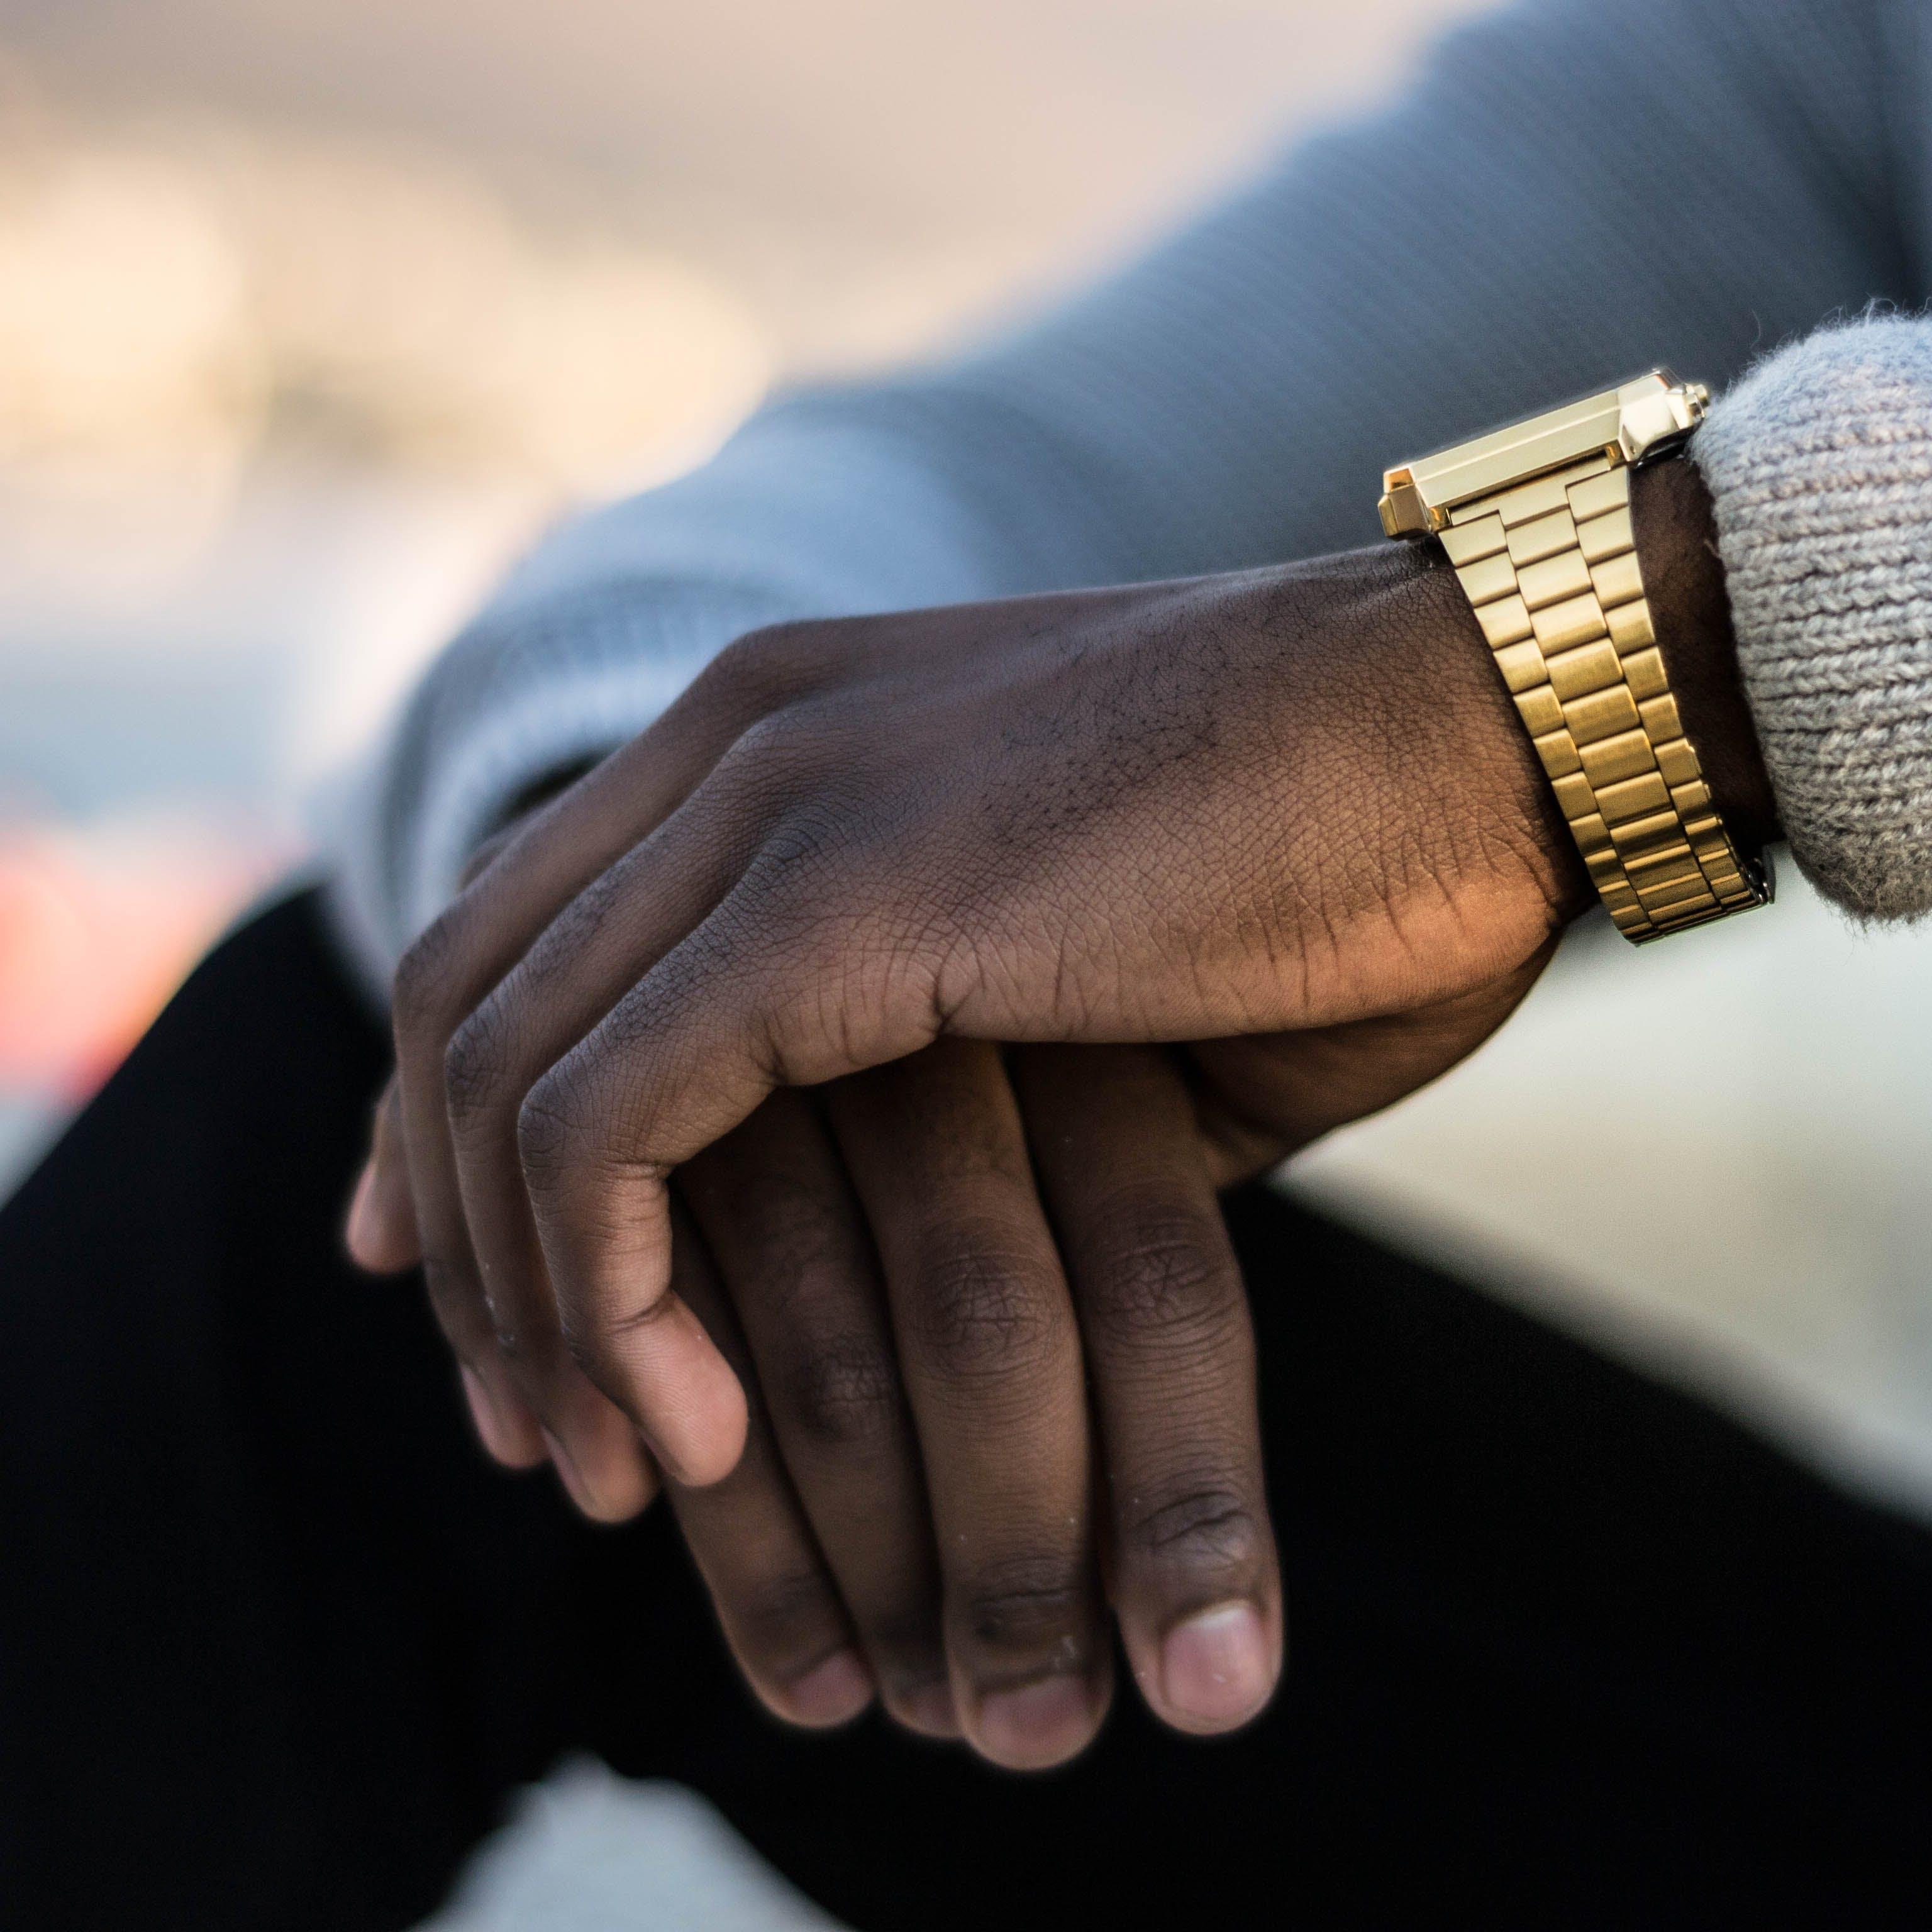 Kostenloses Stock Foto zu armbanduhr, black male, bokeh, draußen